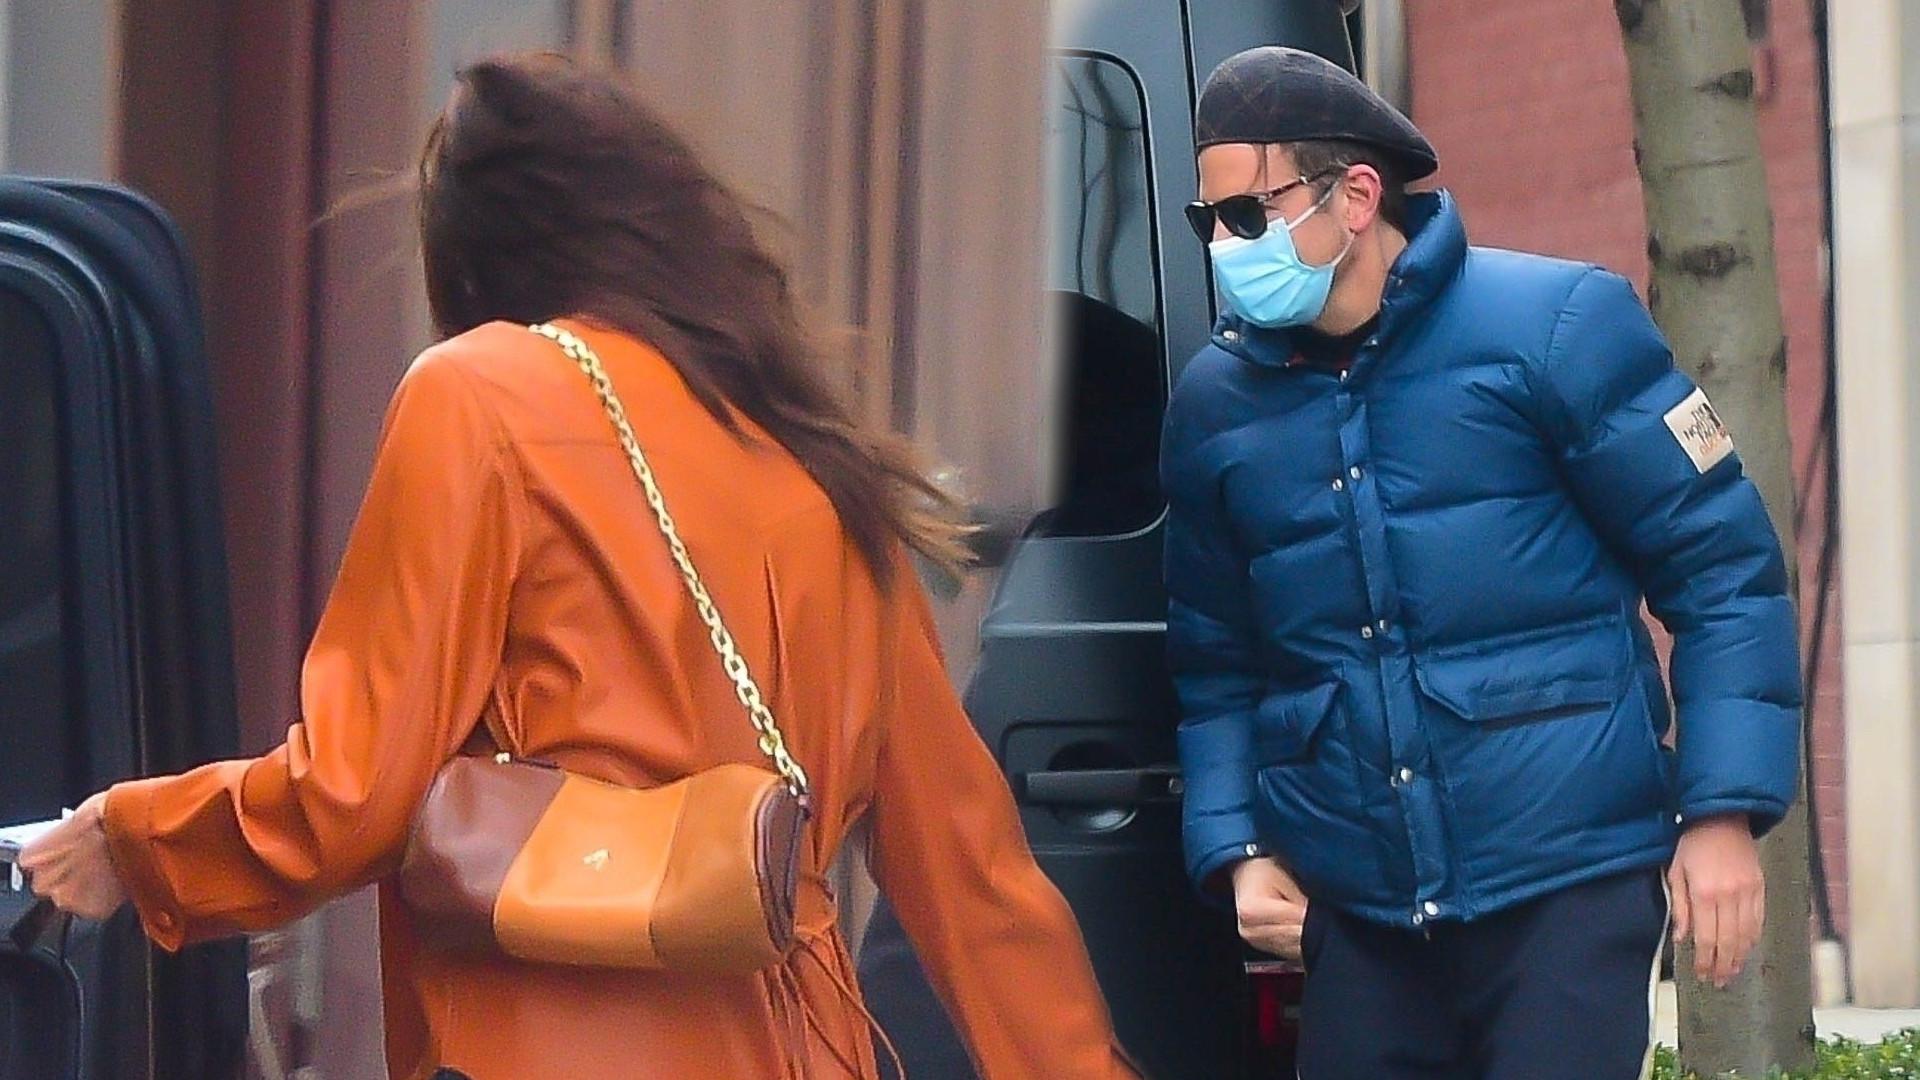 Irina Shayk i Bradley Cooper spędzają czas z córką. DAWNO nie było ich wspólnych zdjęć